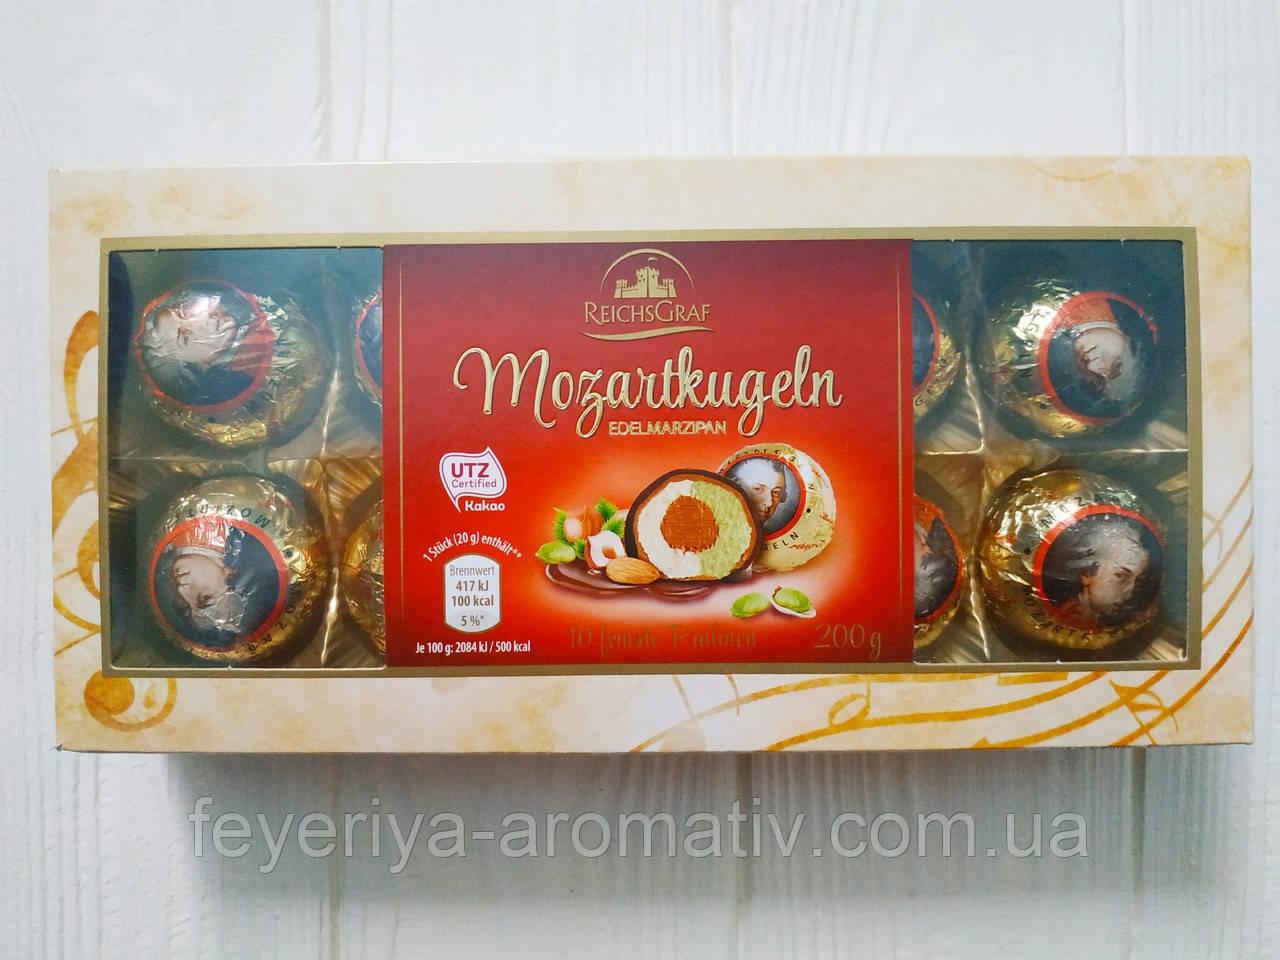 Марципановые конфеты в шоколаде ReichsGraf Mozartkugeln 200g (Германия)